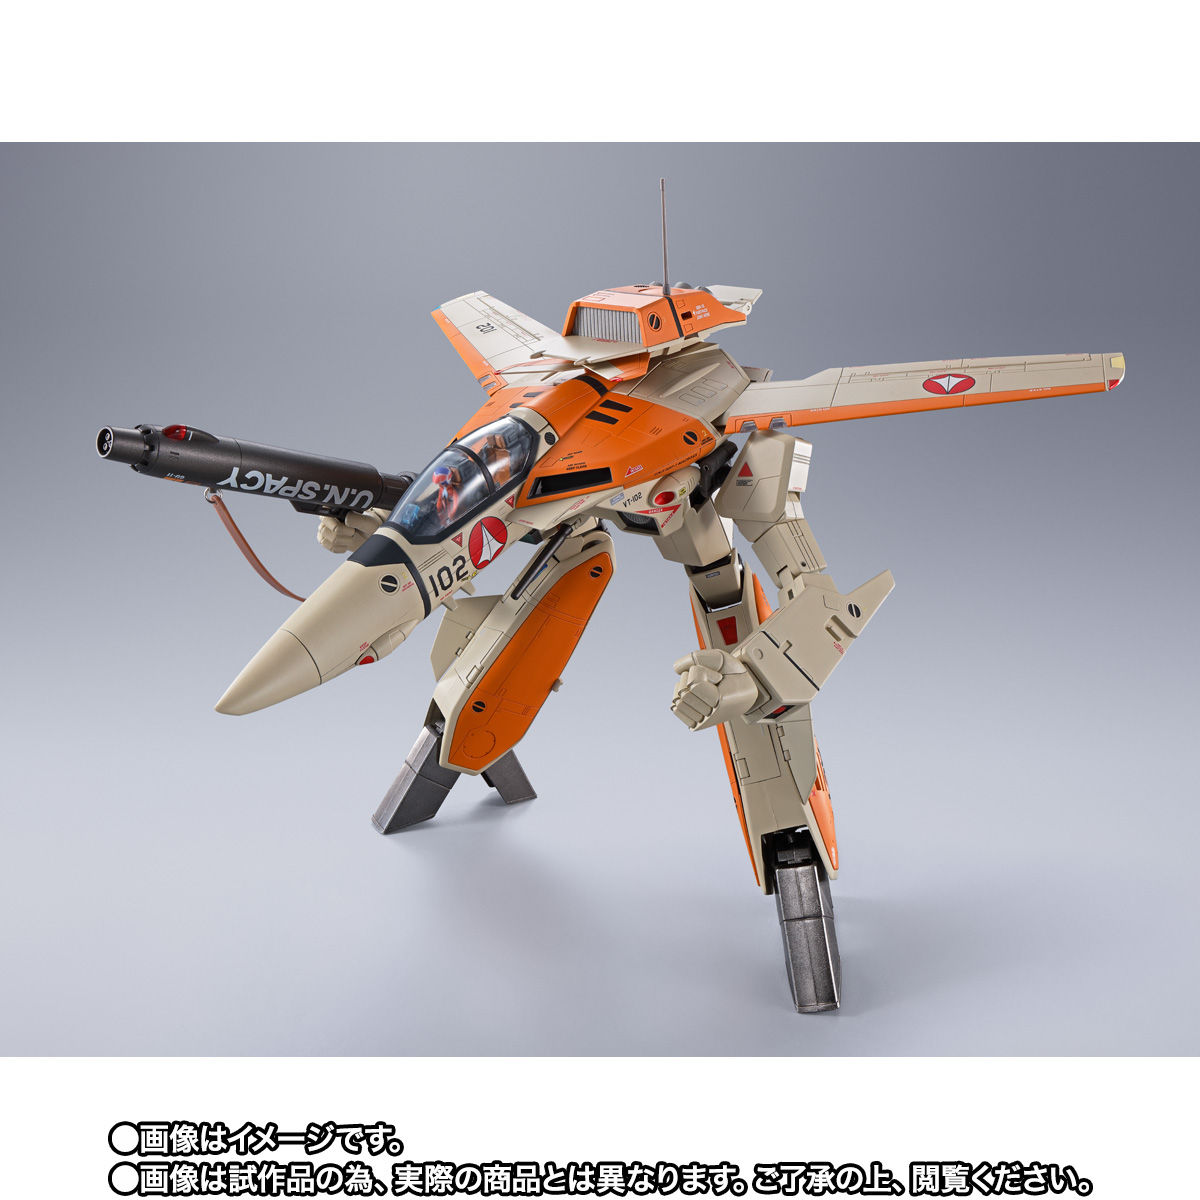 【限定販売】DX超合金『VF-1D バルキリー&ファン・レーサー』超時空要塞マクロス 可変可動フィギュア-009